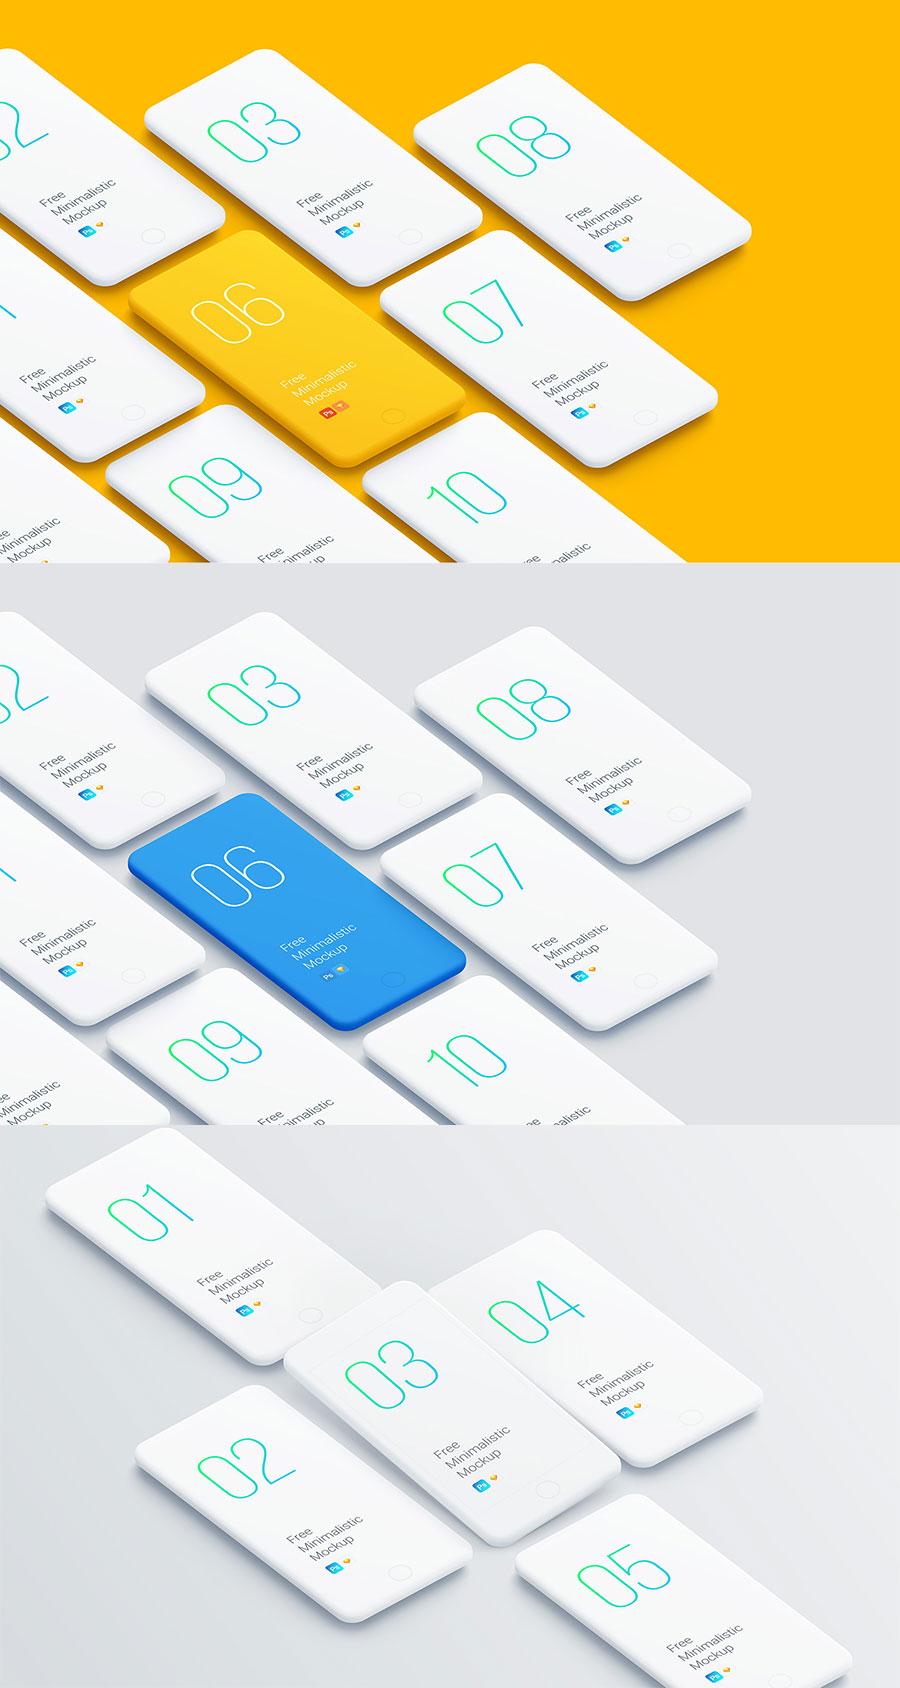 常见的透视角度的展示手机全套APP UI KITS设计的iPhone展示模型下载[PSDSketch]设计素材模板